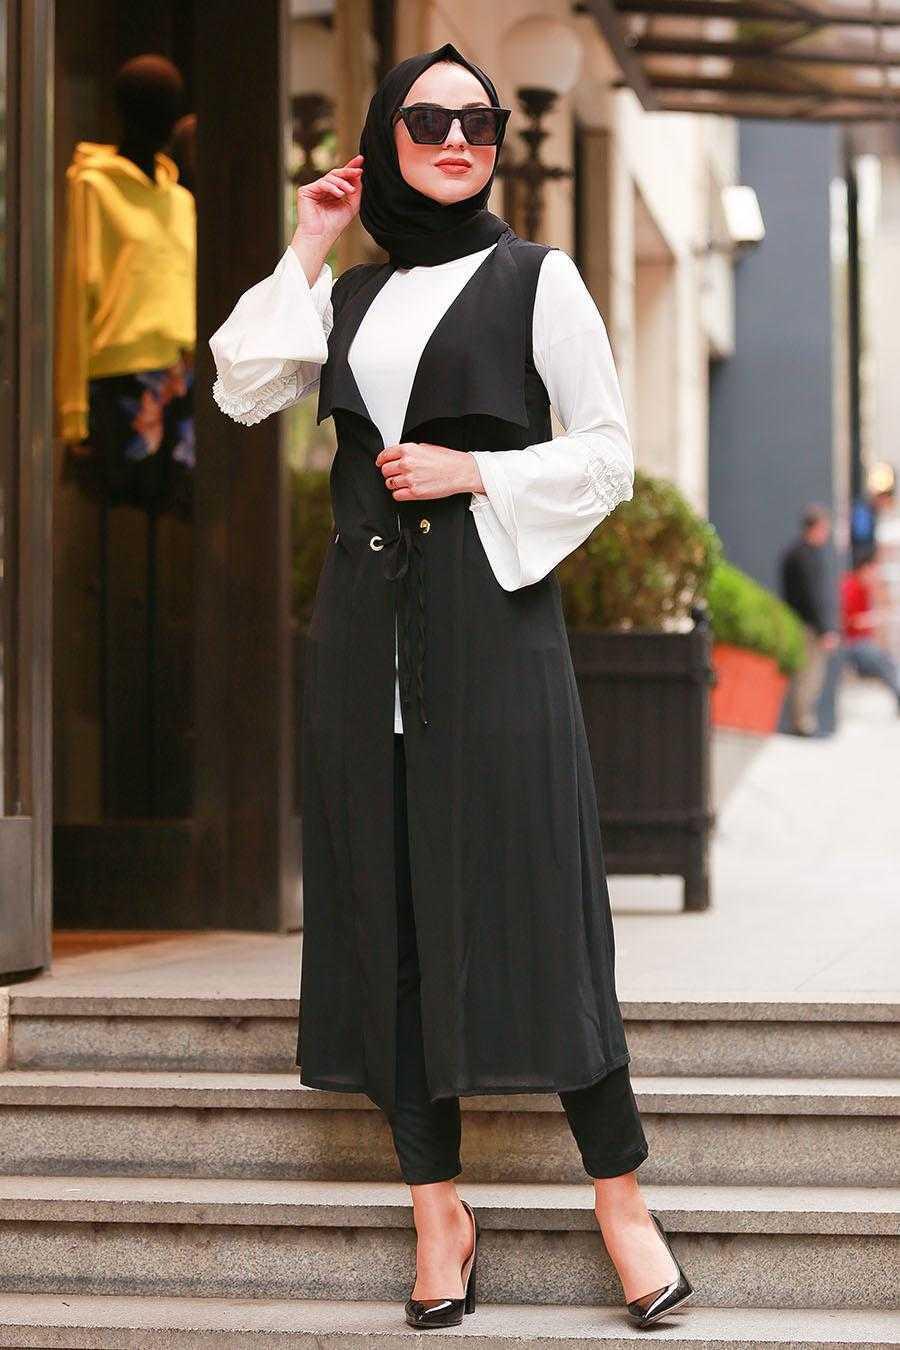 Nayla Collection Sonbahar Kış Tunik Yelek Modelleri